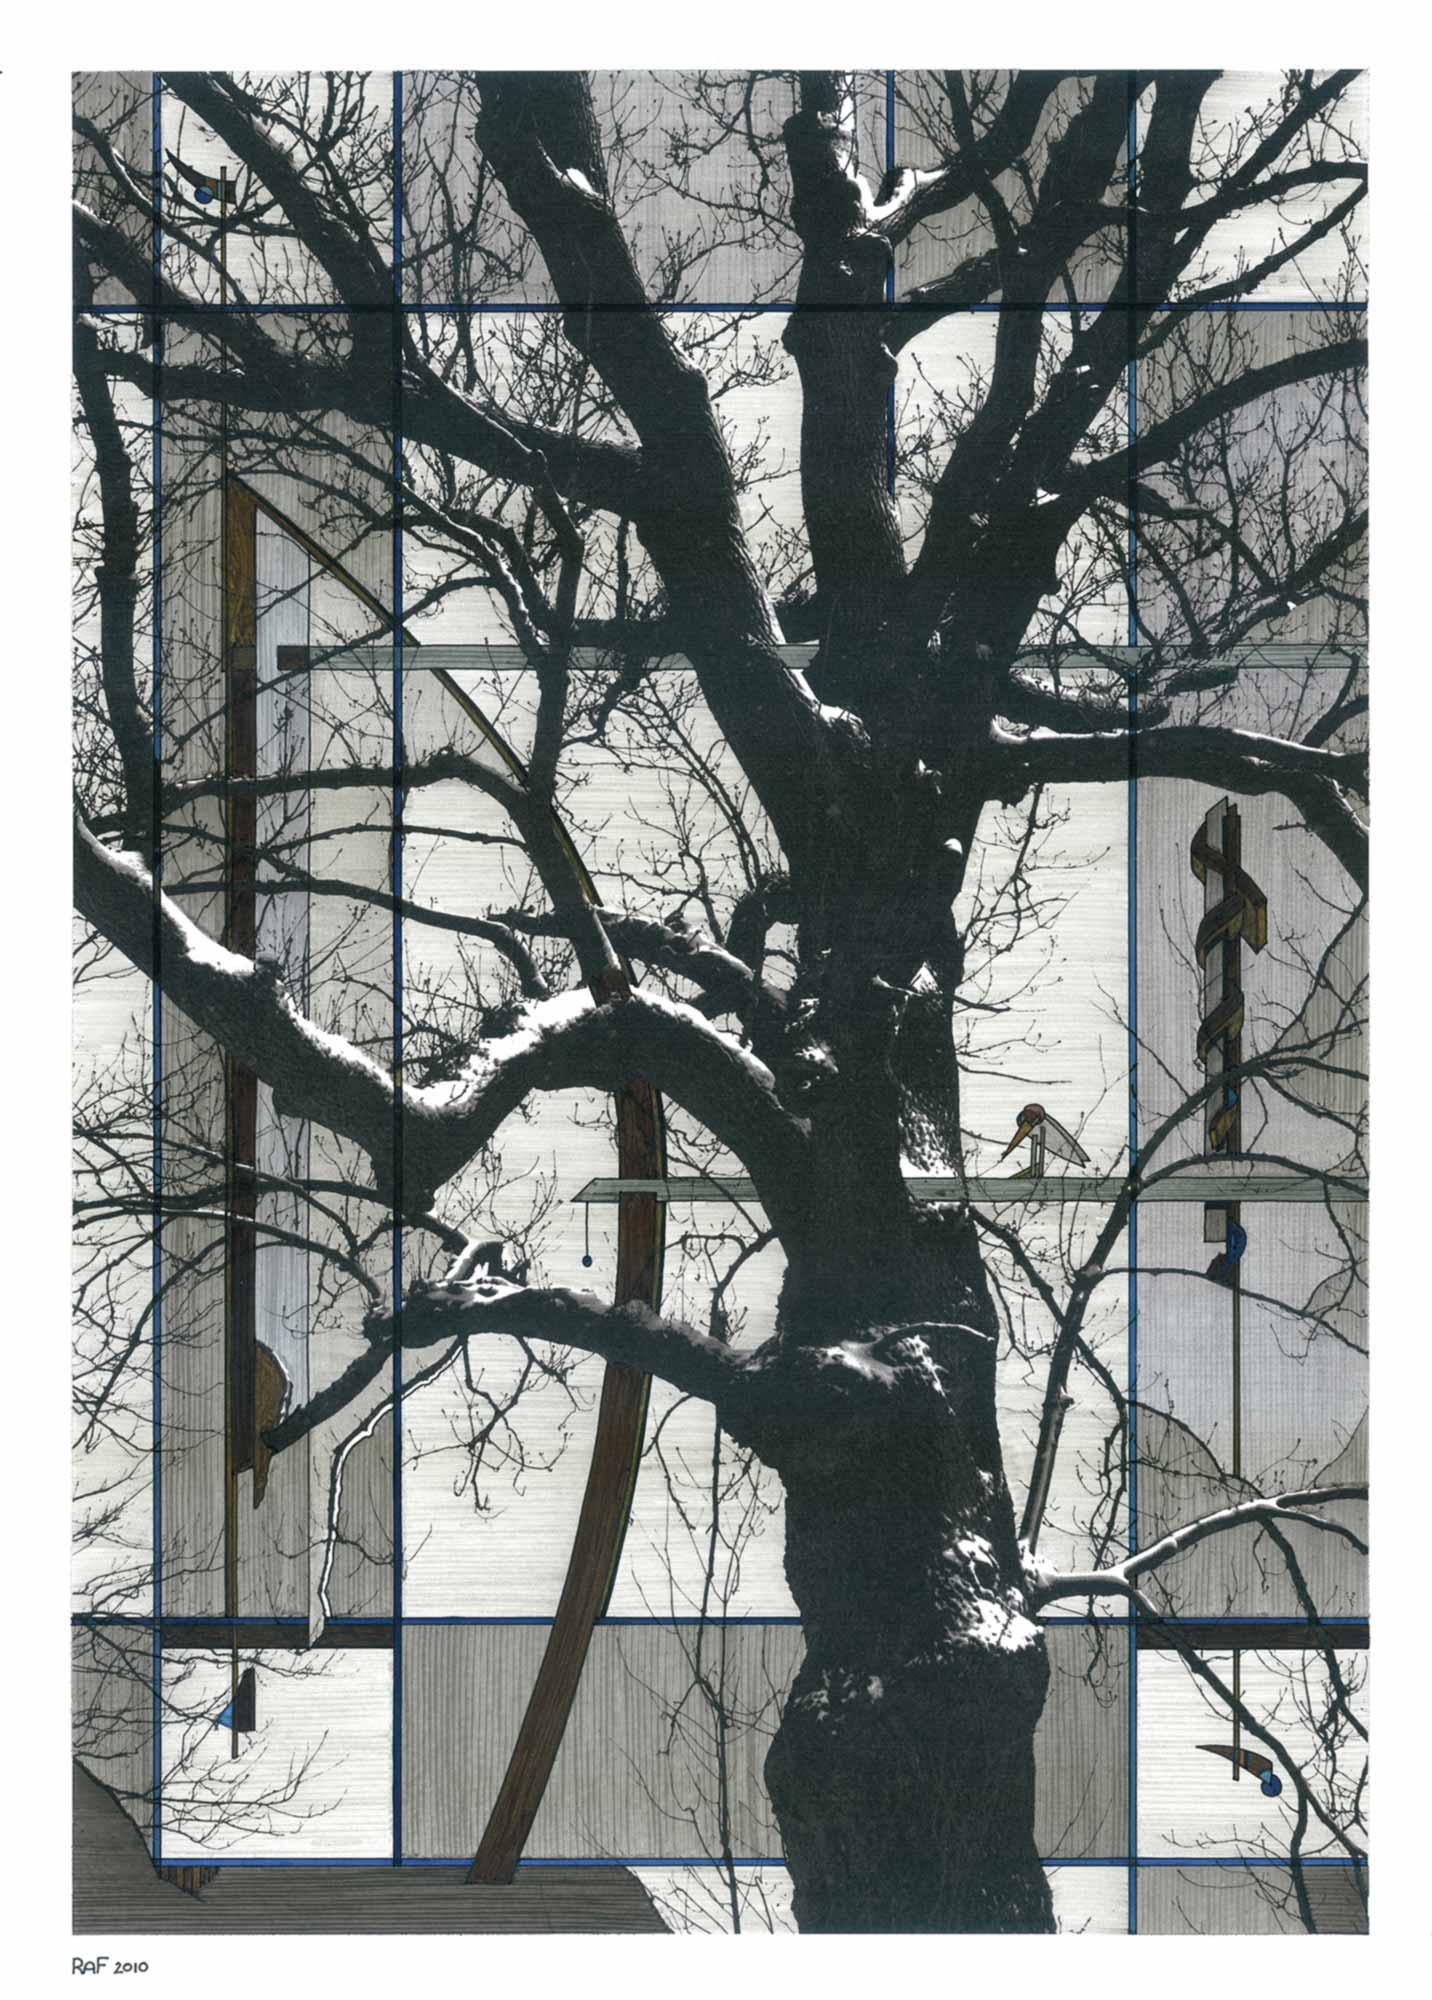 Le paradoxe de l'oiseau, dessin, Raf Listowski, 2010